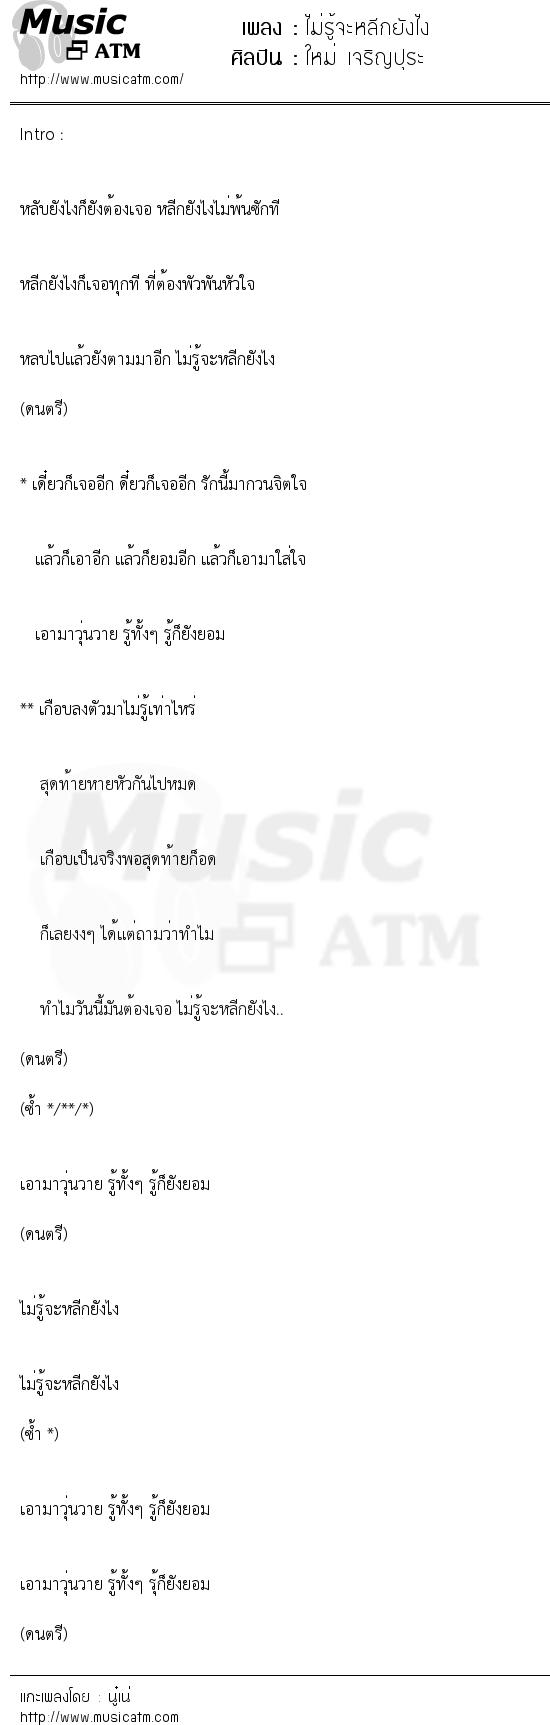 ไม่รู้จะหลีกยังไง | เพลงไทย